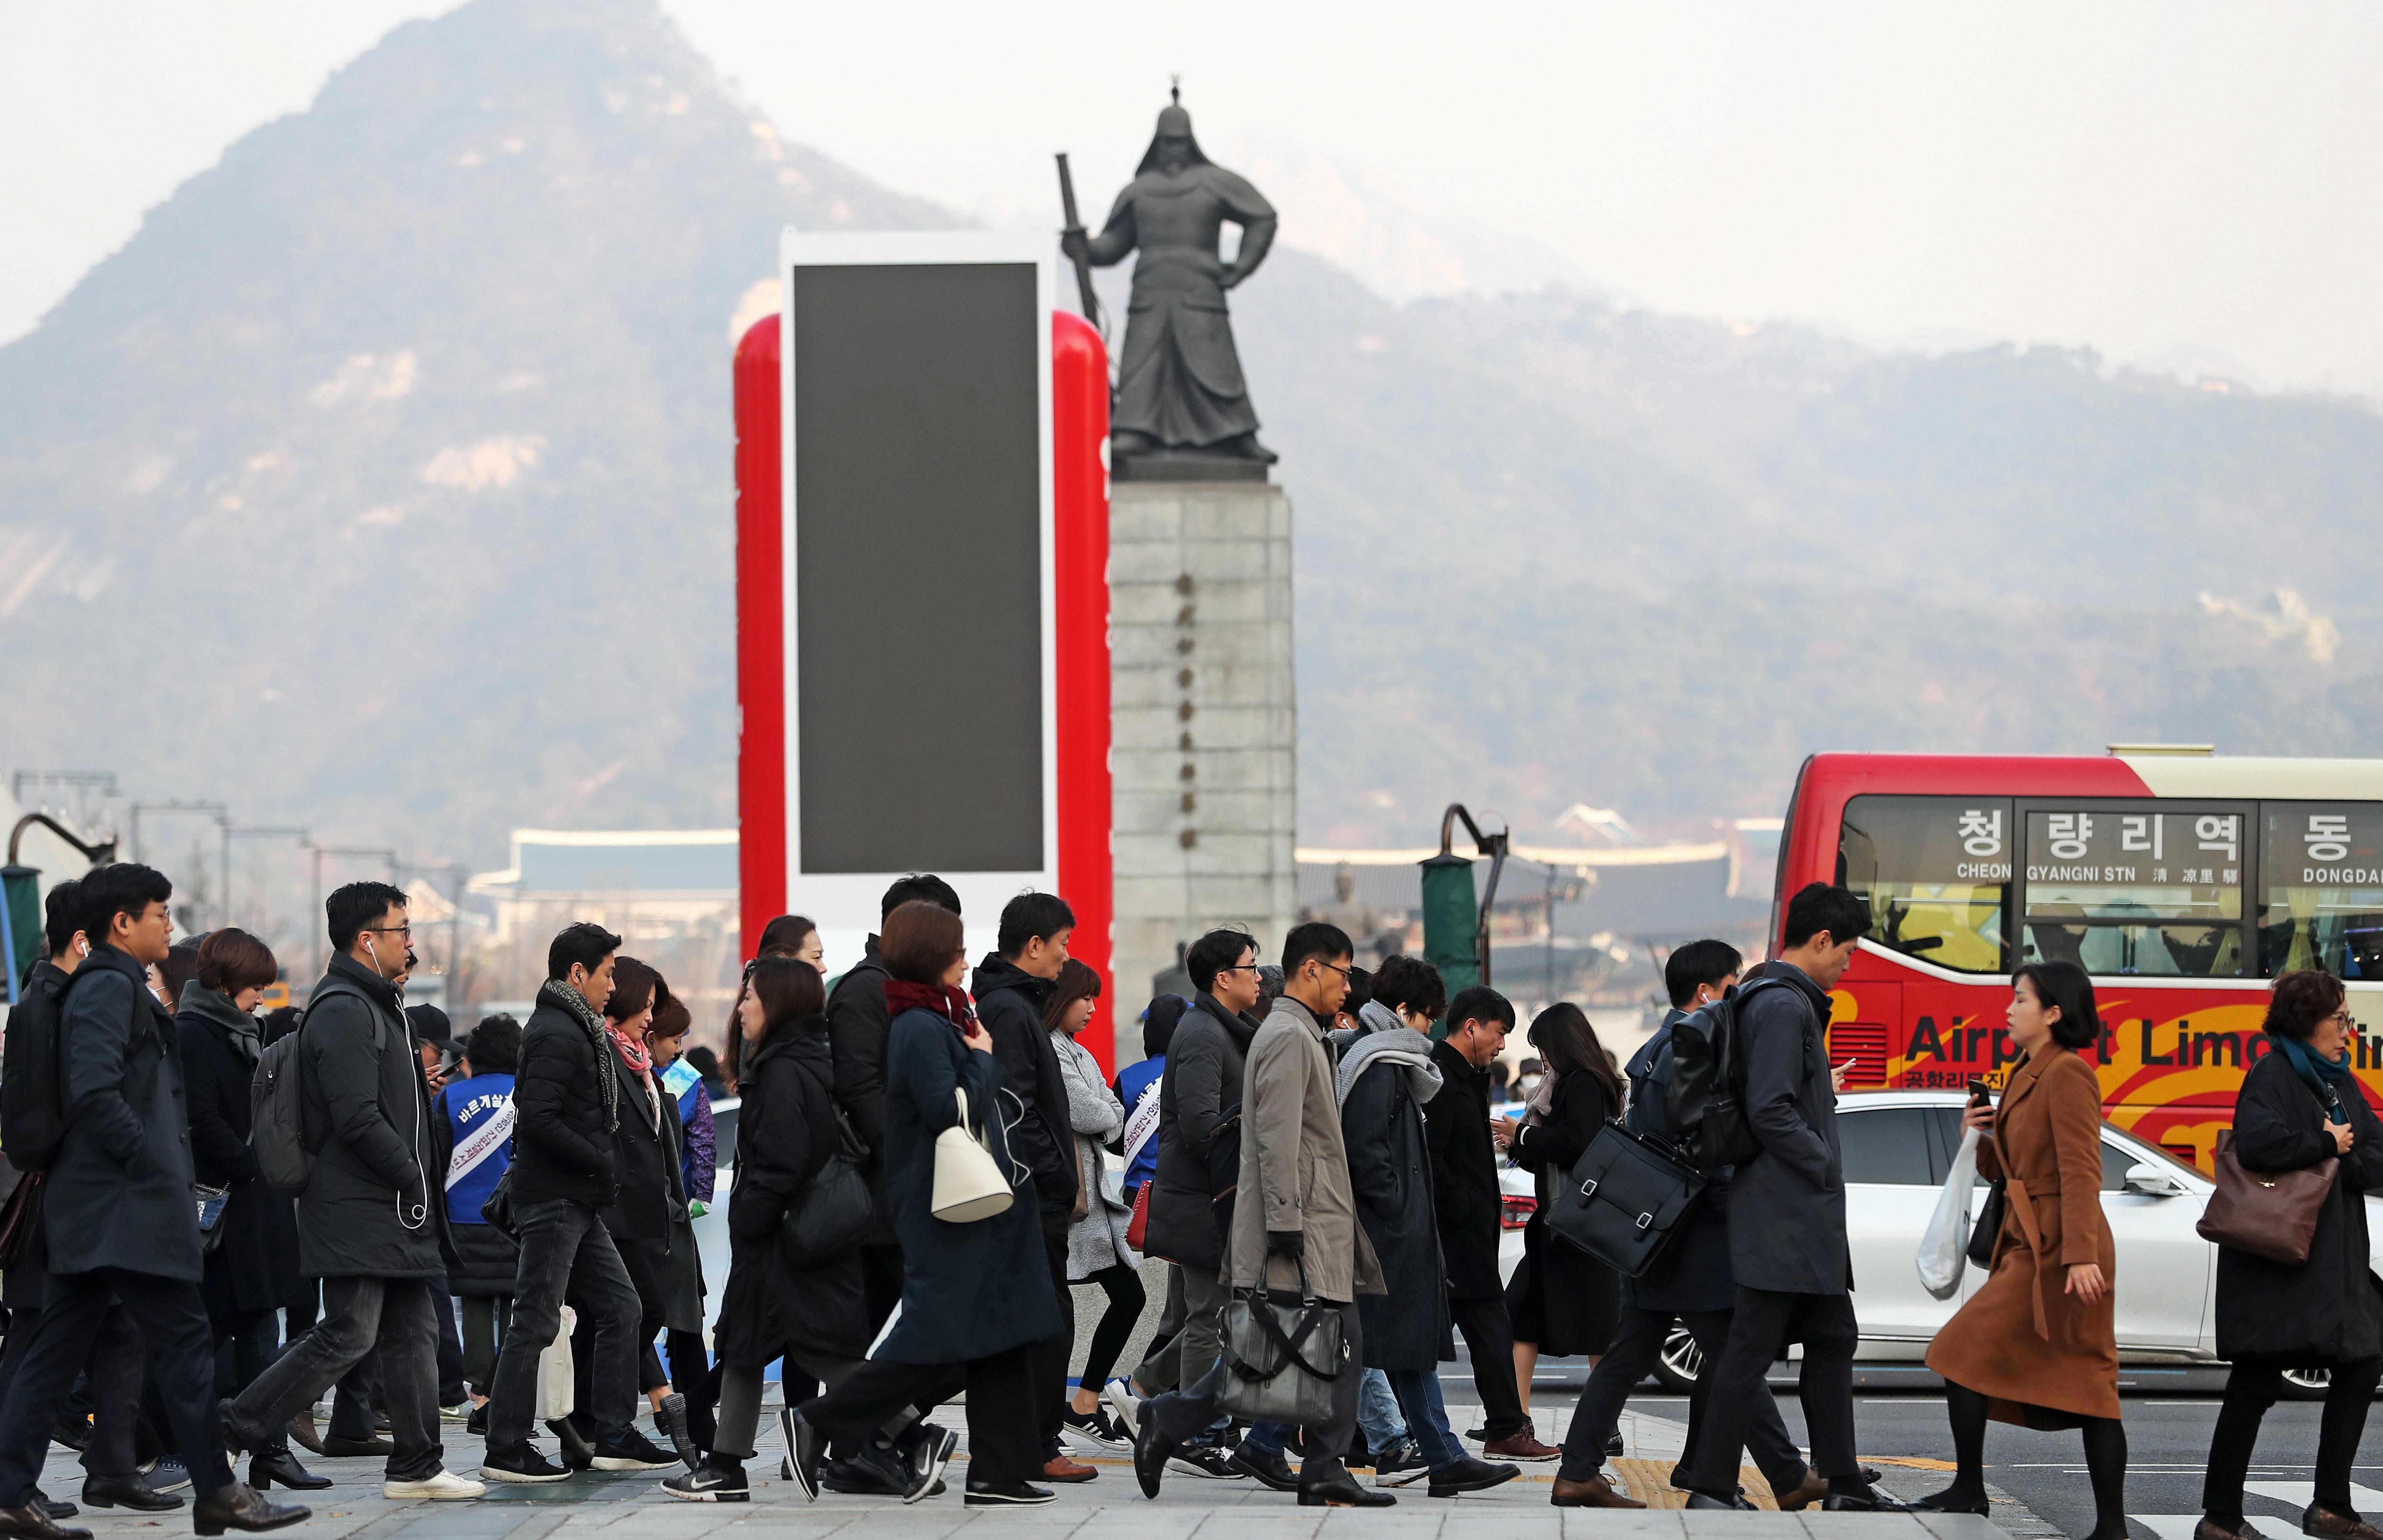 올가을 최초로 오늘 서울은 영하를 찍었다. 내일(23일)은 더